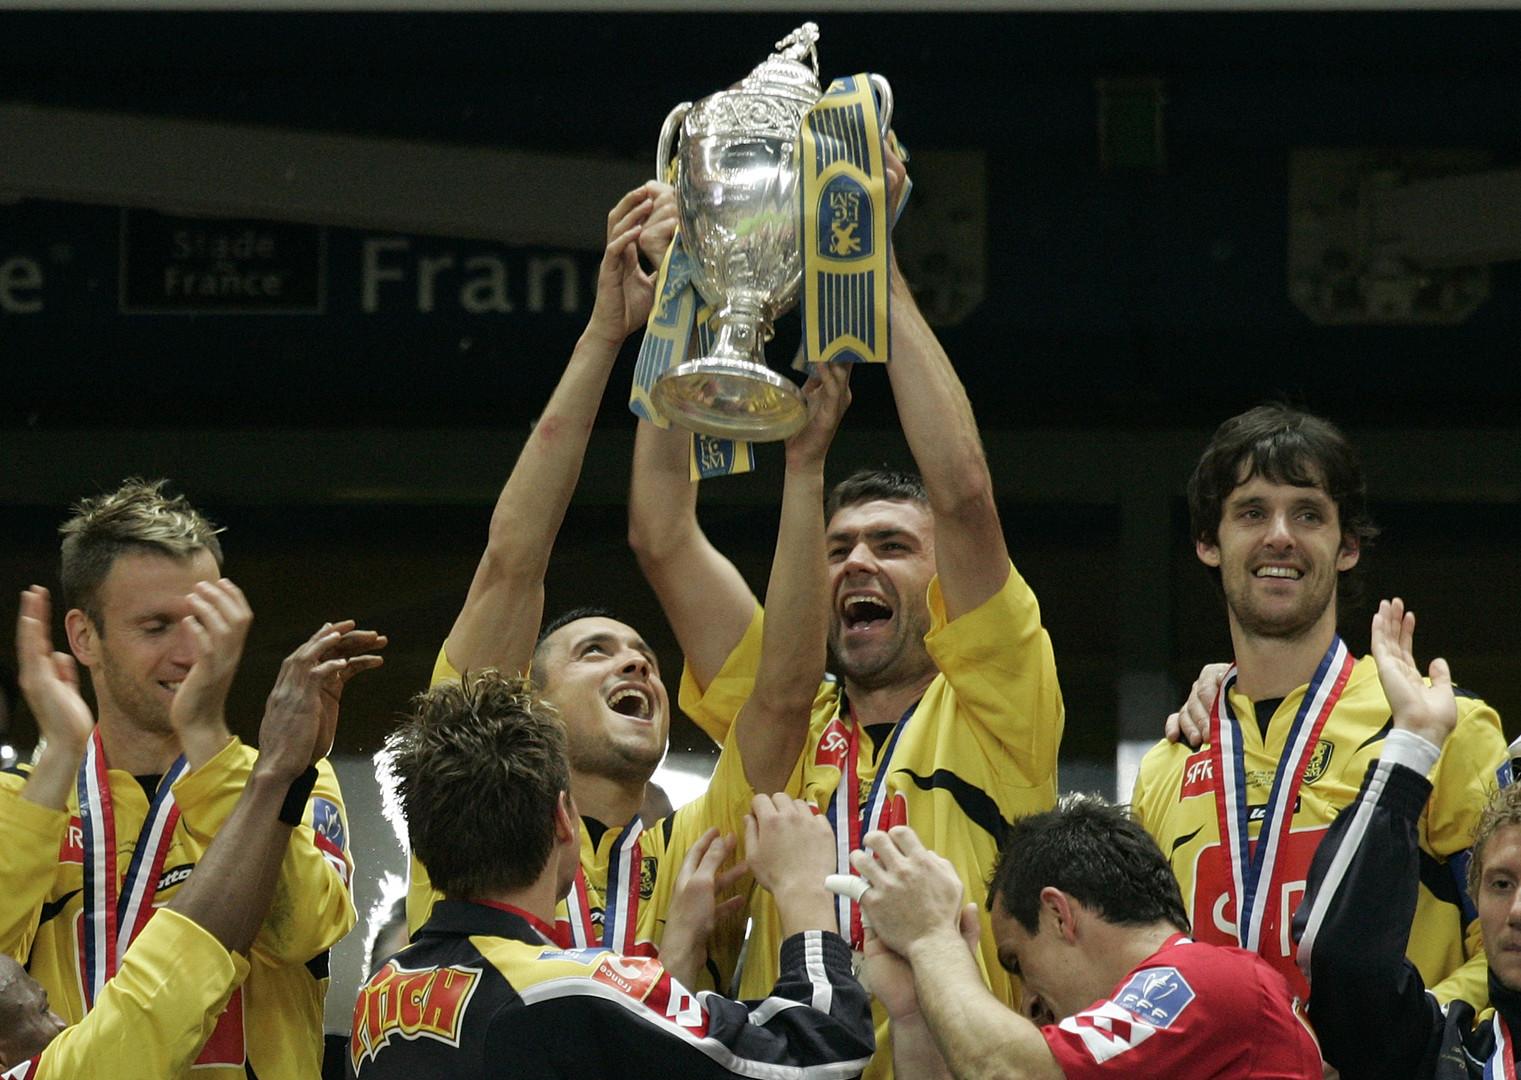 Les joueurs du FC Sochaux célébrant leur victoire en Coupe de France le 12 mai 2007